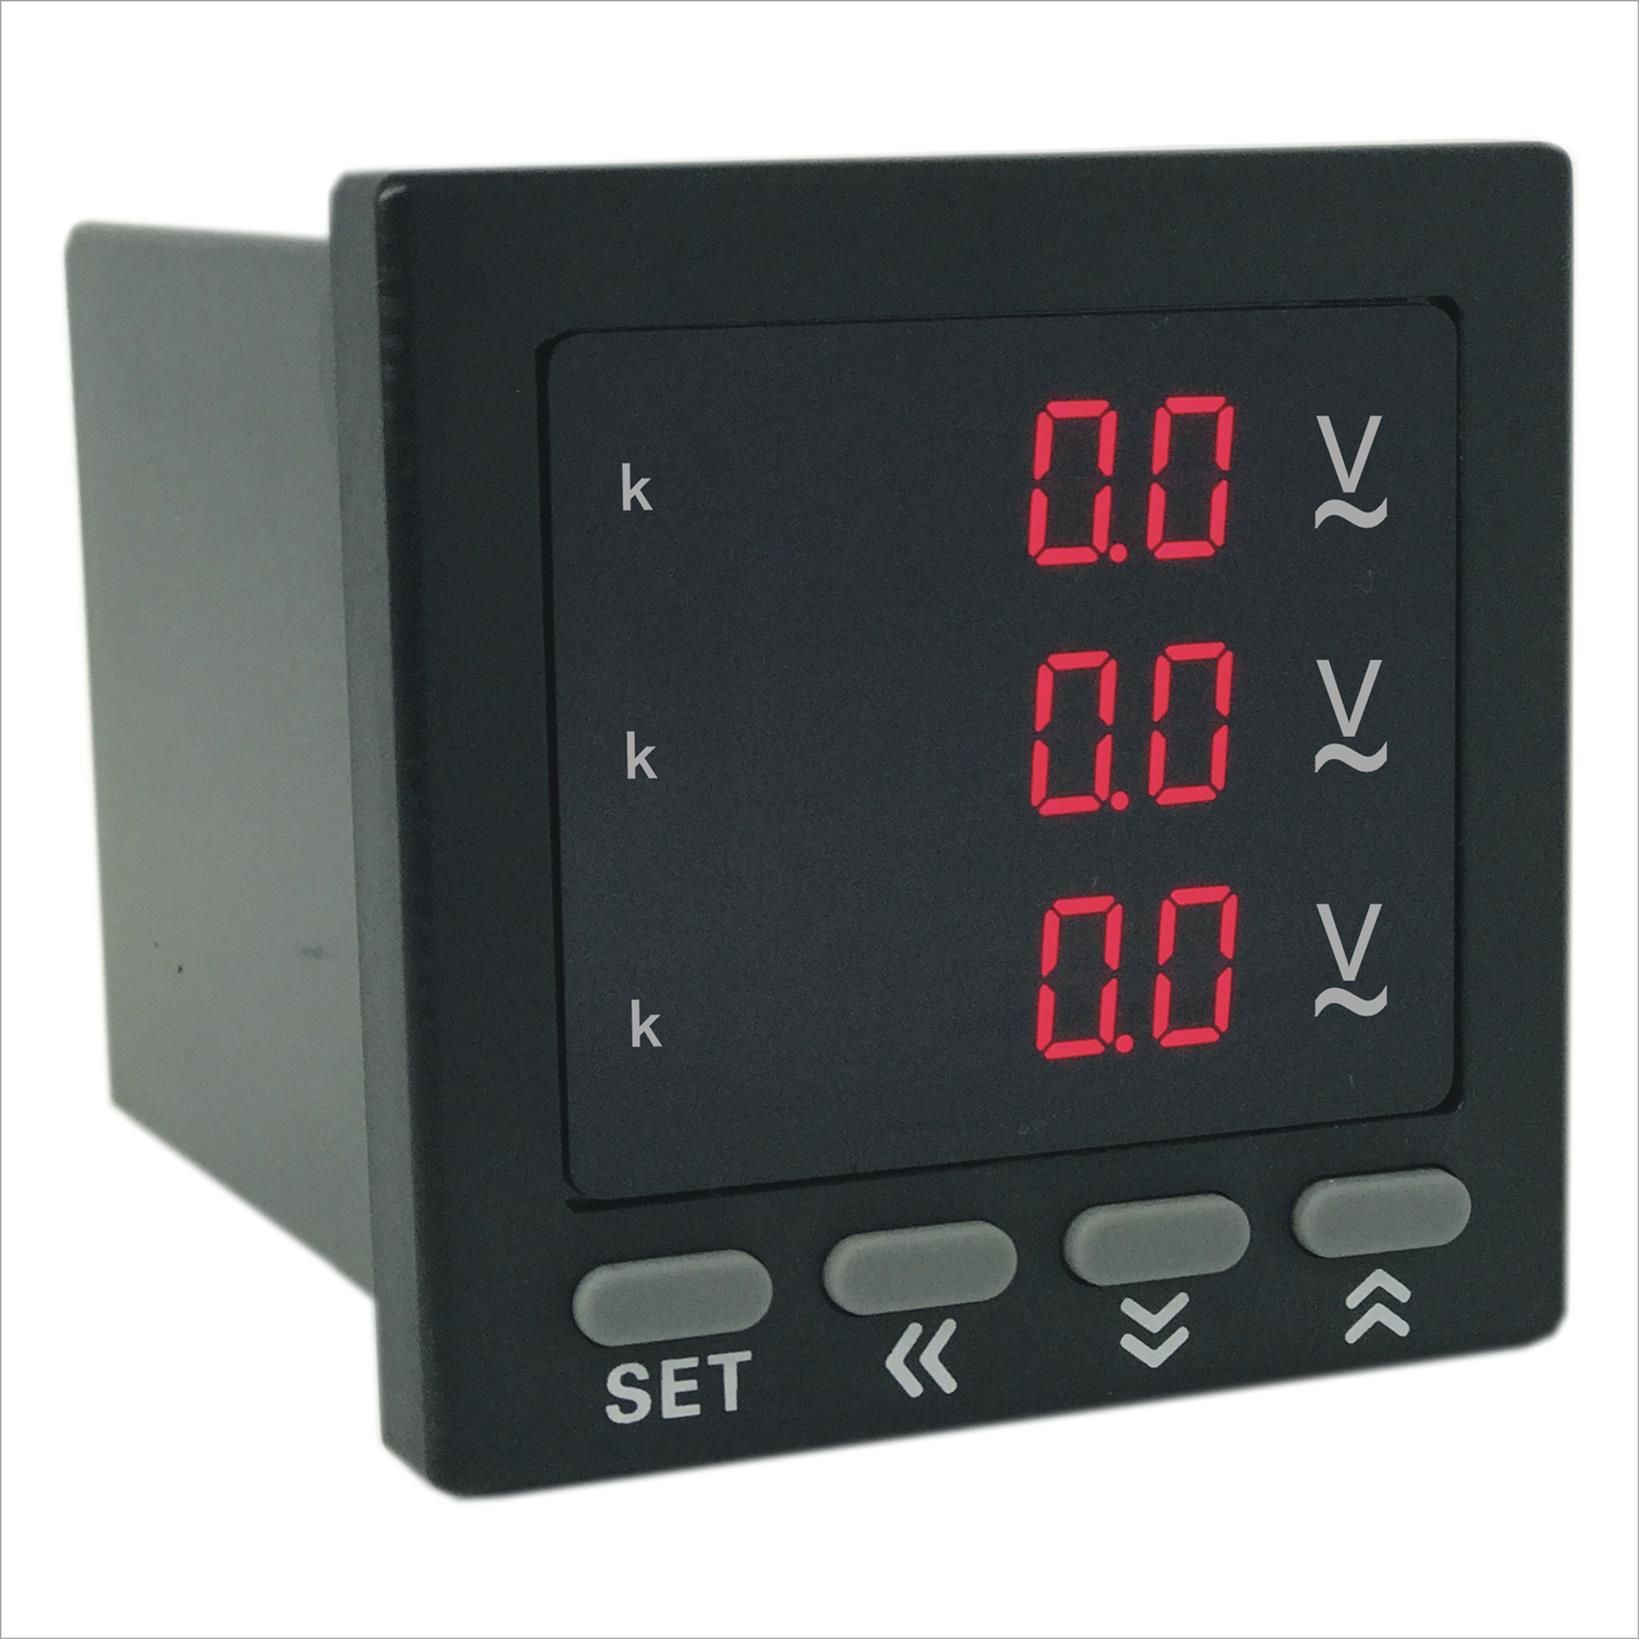 数显三相电压表质优价廉 技术服务强 奥宾